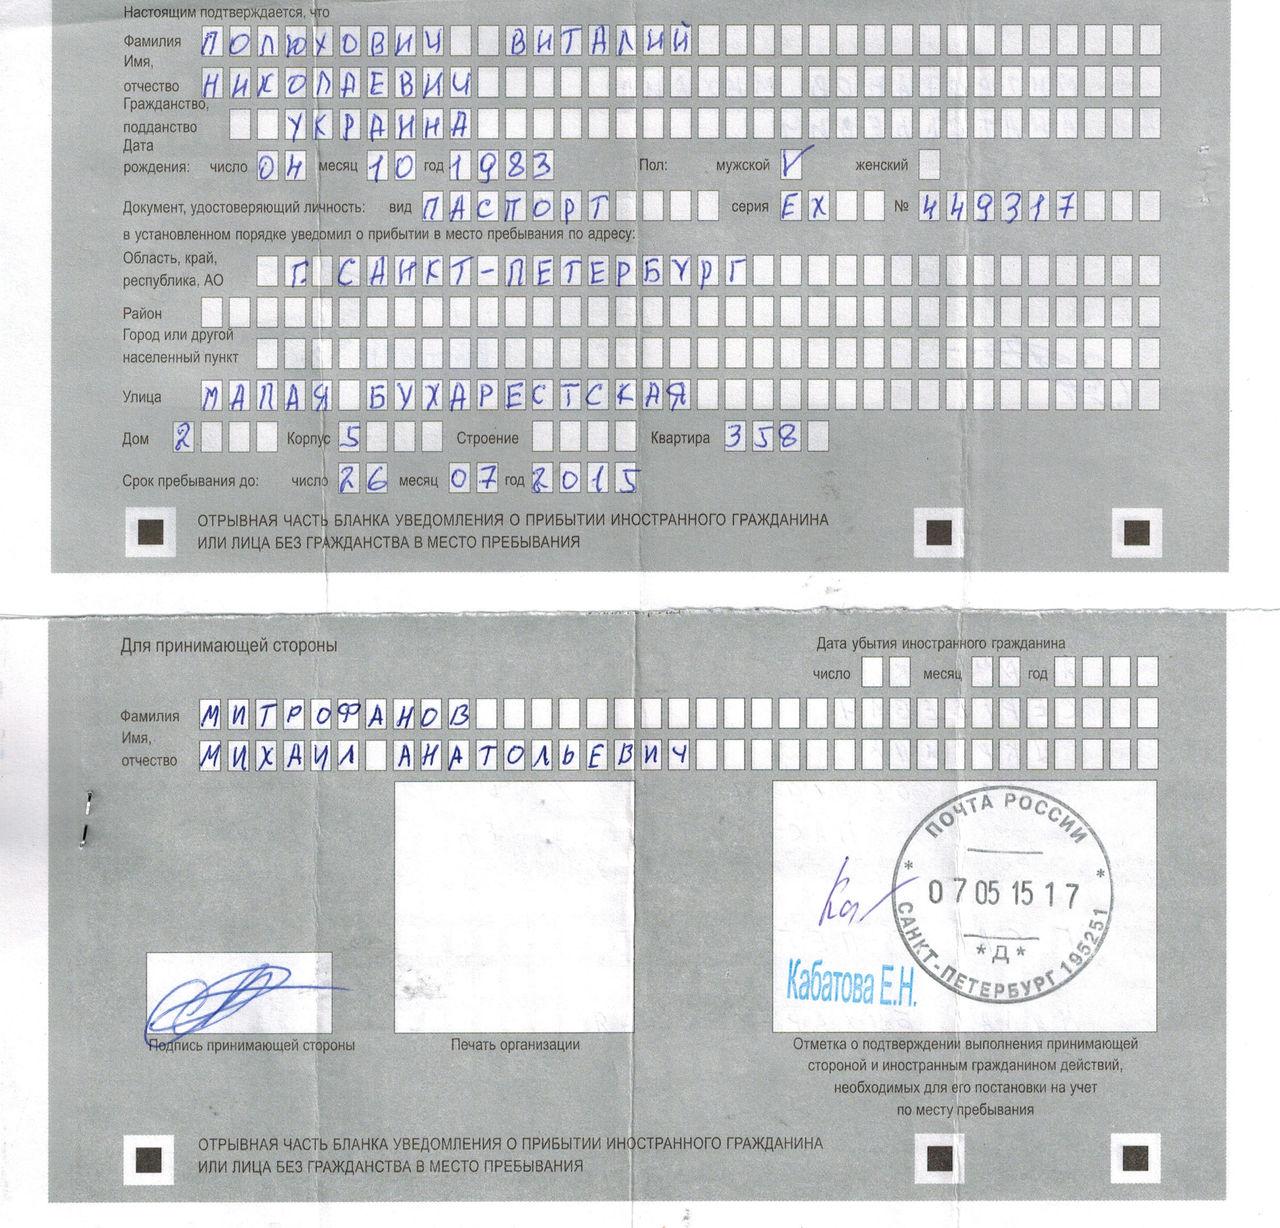 Регистрация по месту пребывания для иностранных граждан на 90 дней